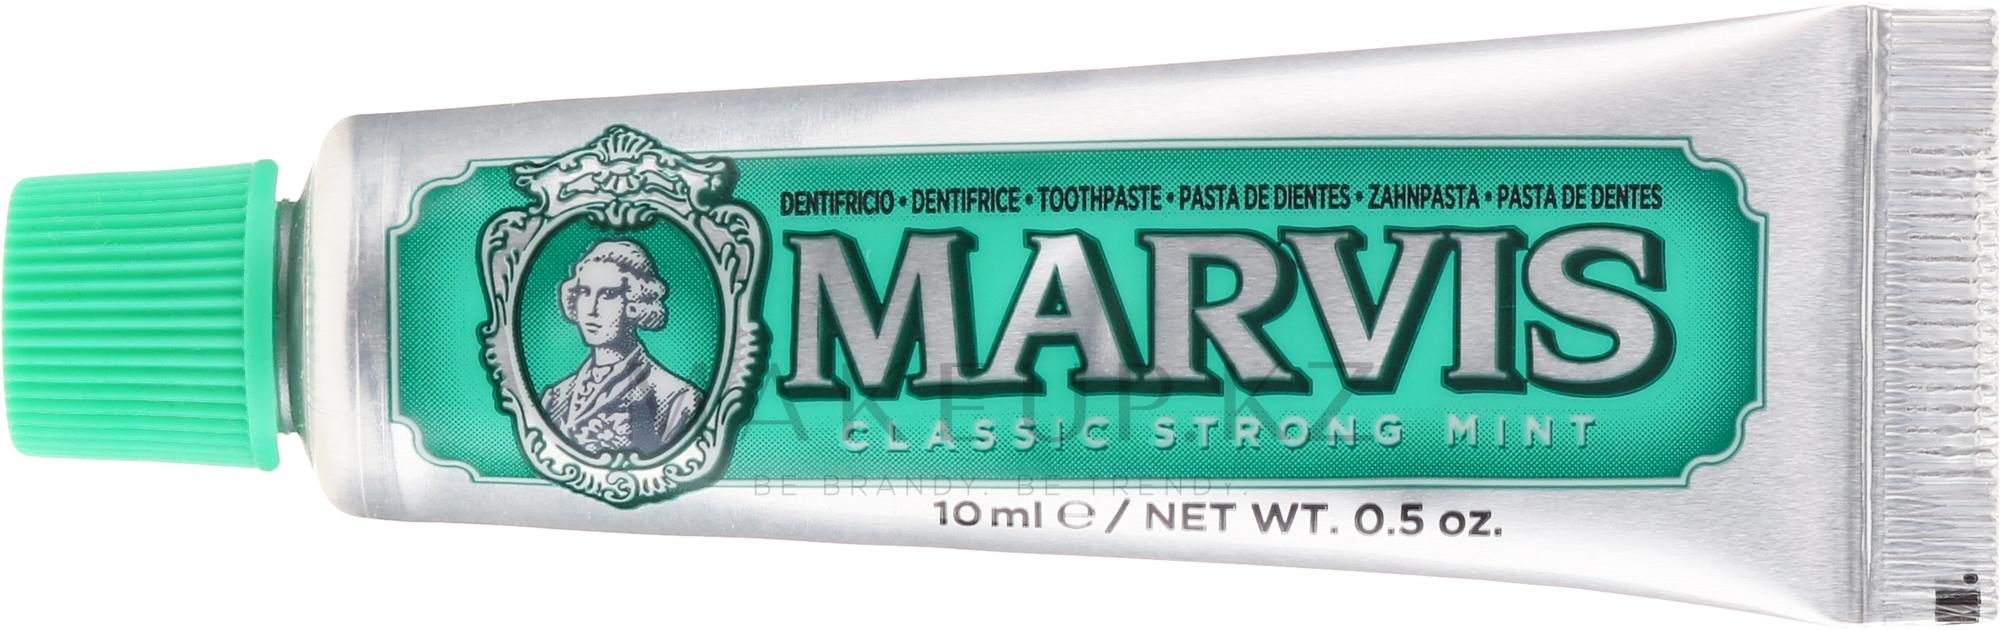 Зубная паста - Marvis Classic Strong Mint (мини) — фото 10 ml